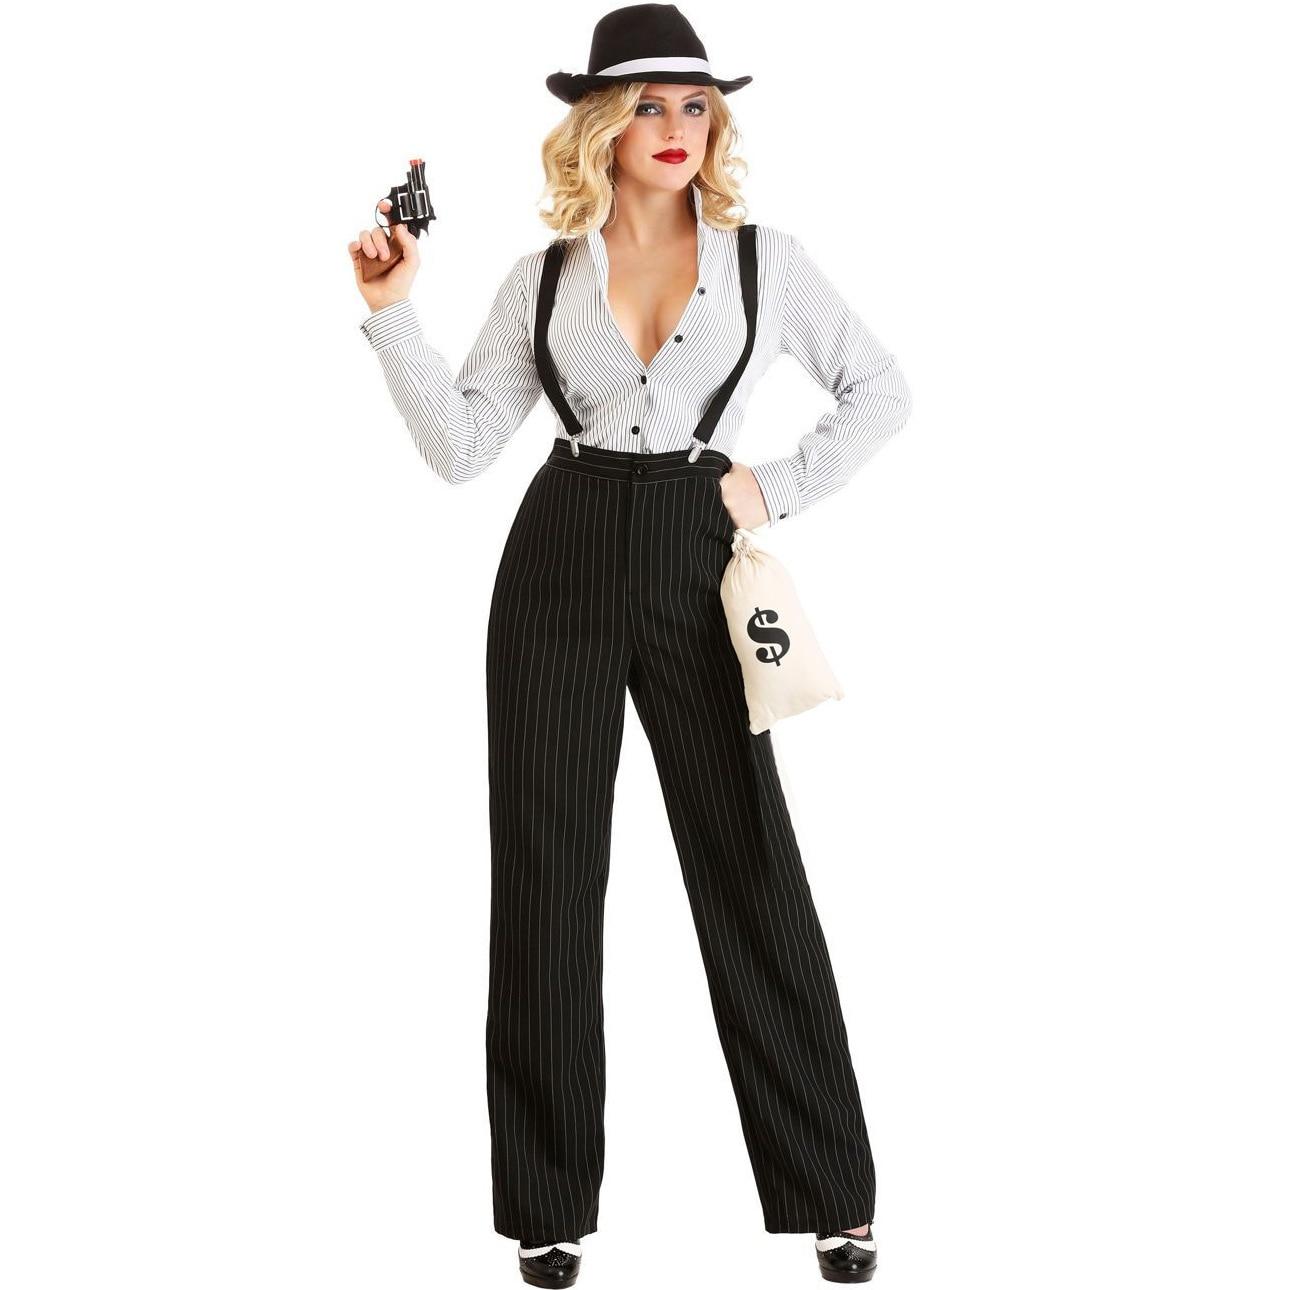 Trajes de palco de dança role play feminino cowboy ol cinta terno compõem festa permance traje feminino traje de halloween roupas esportivas